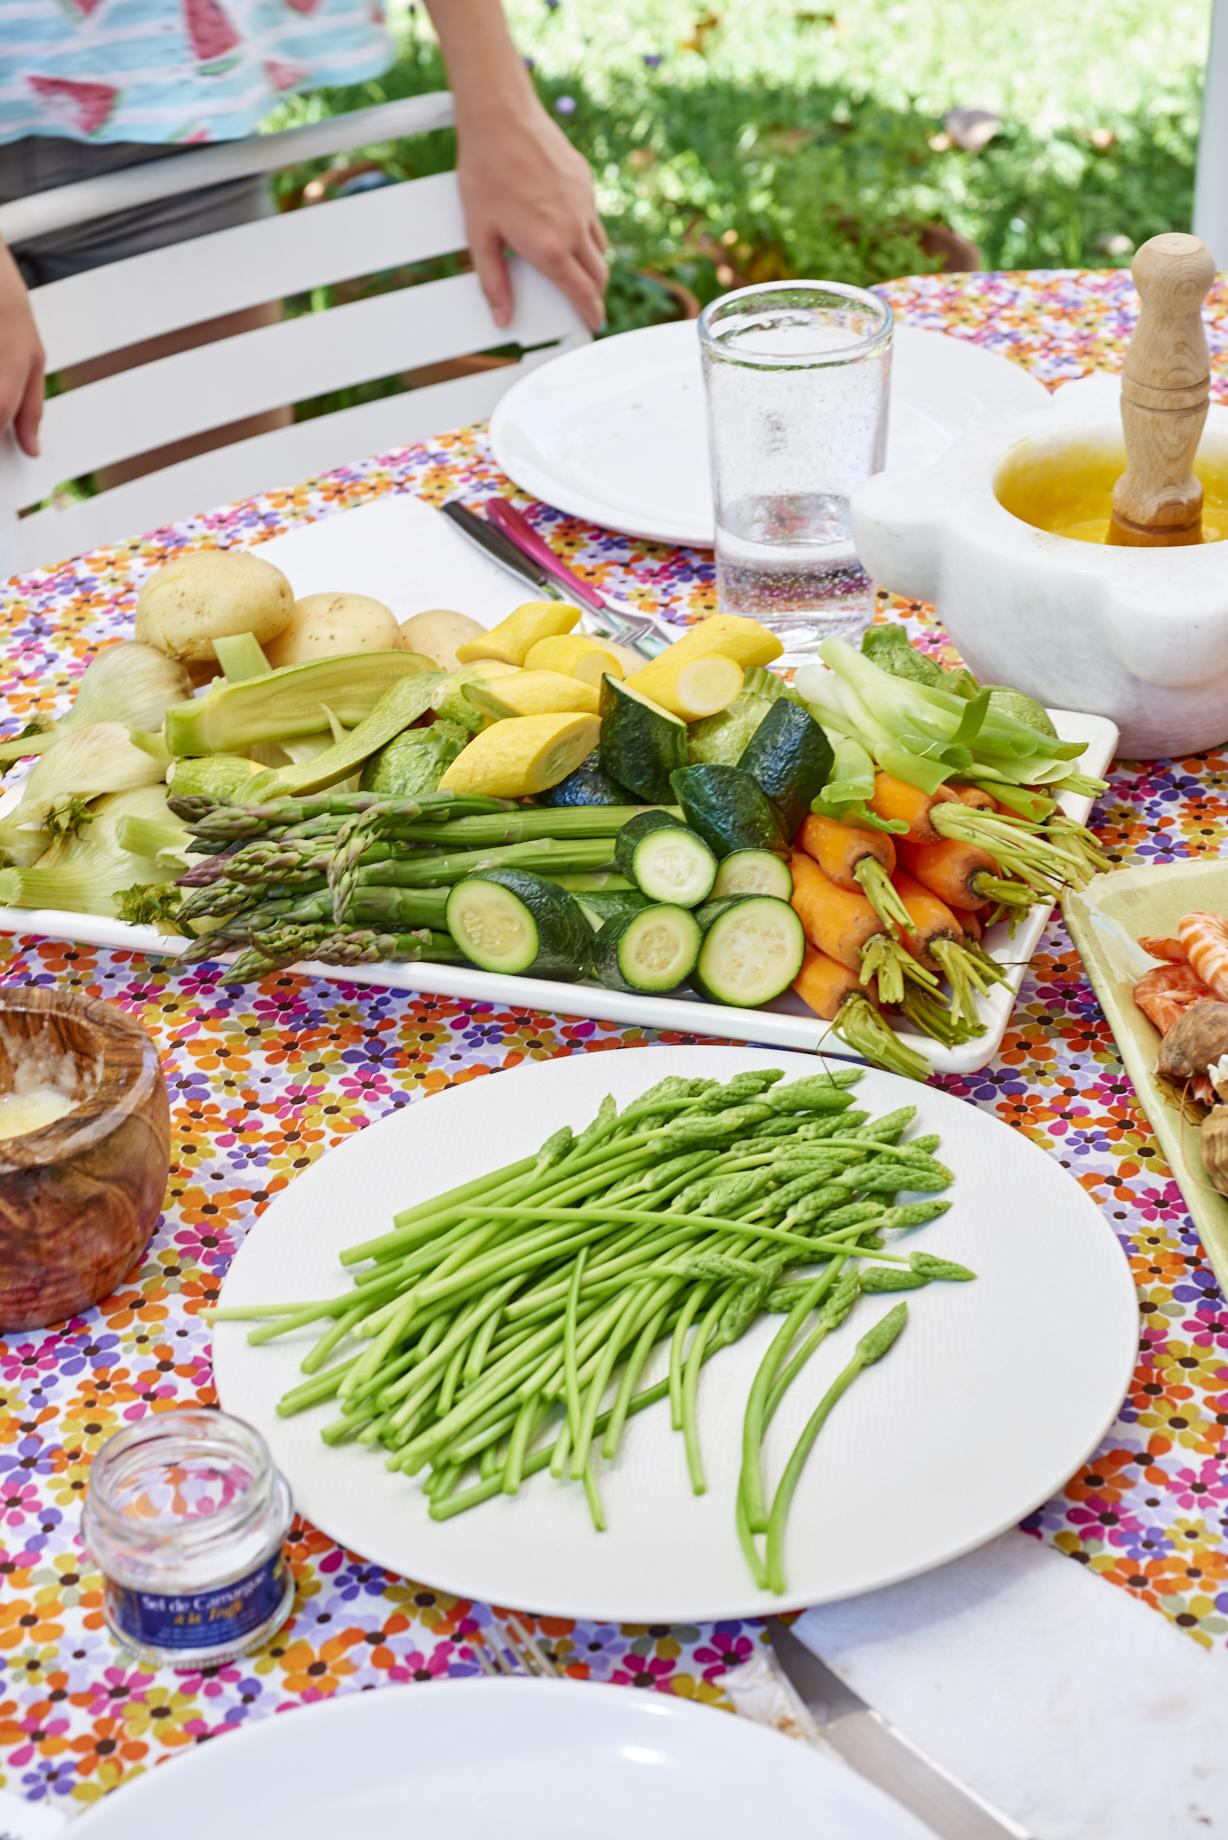 recette d'Aioli provençal